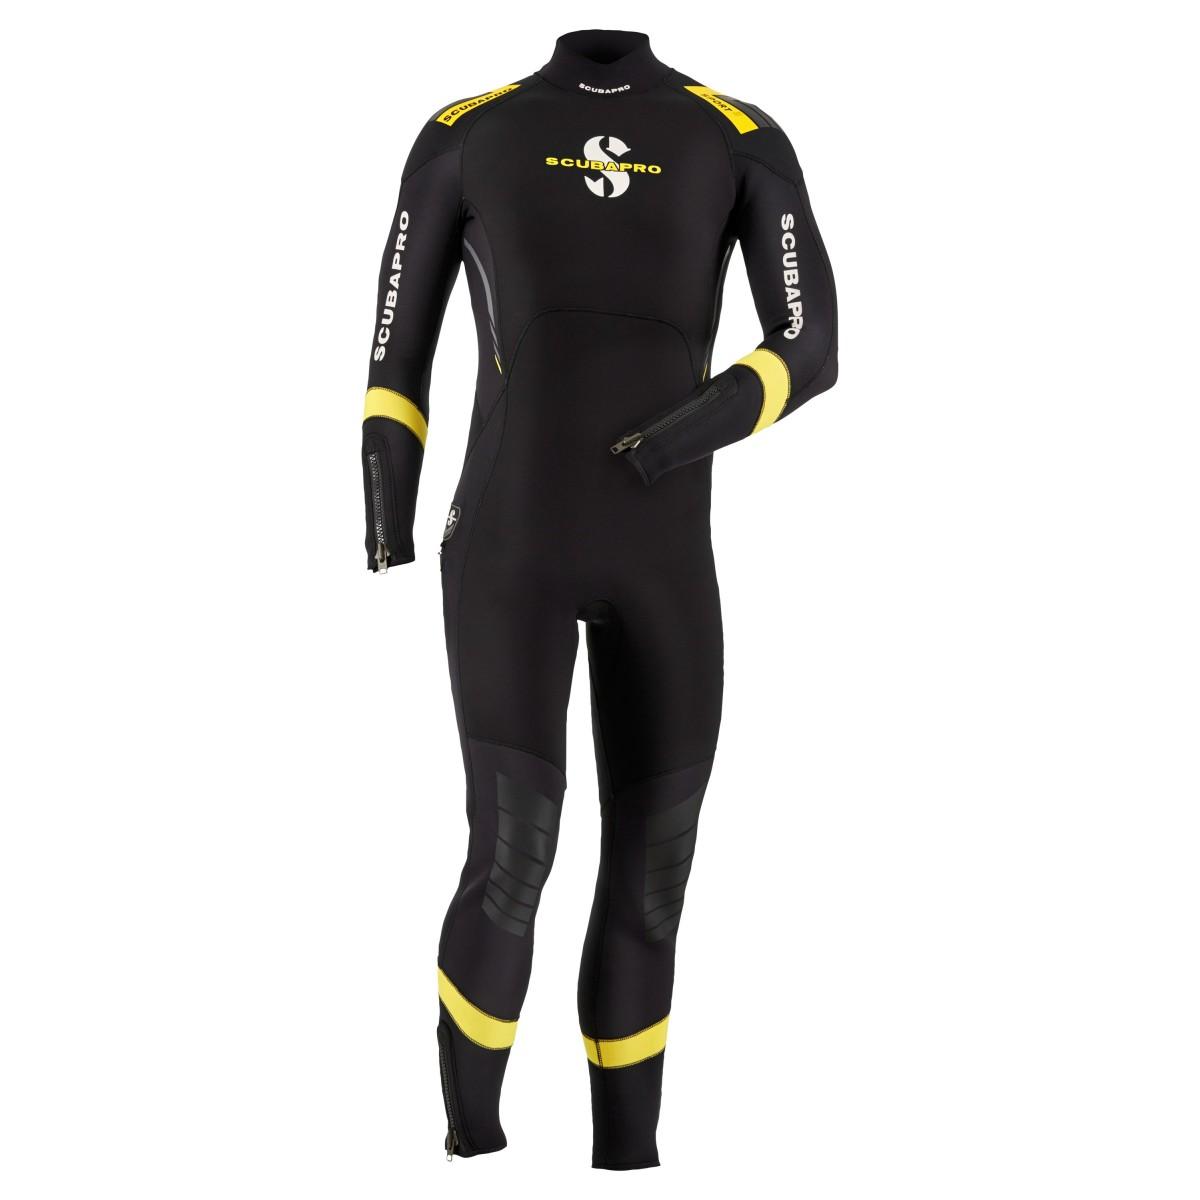 Scubapro Men's SPORT 7mm Wetsuit